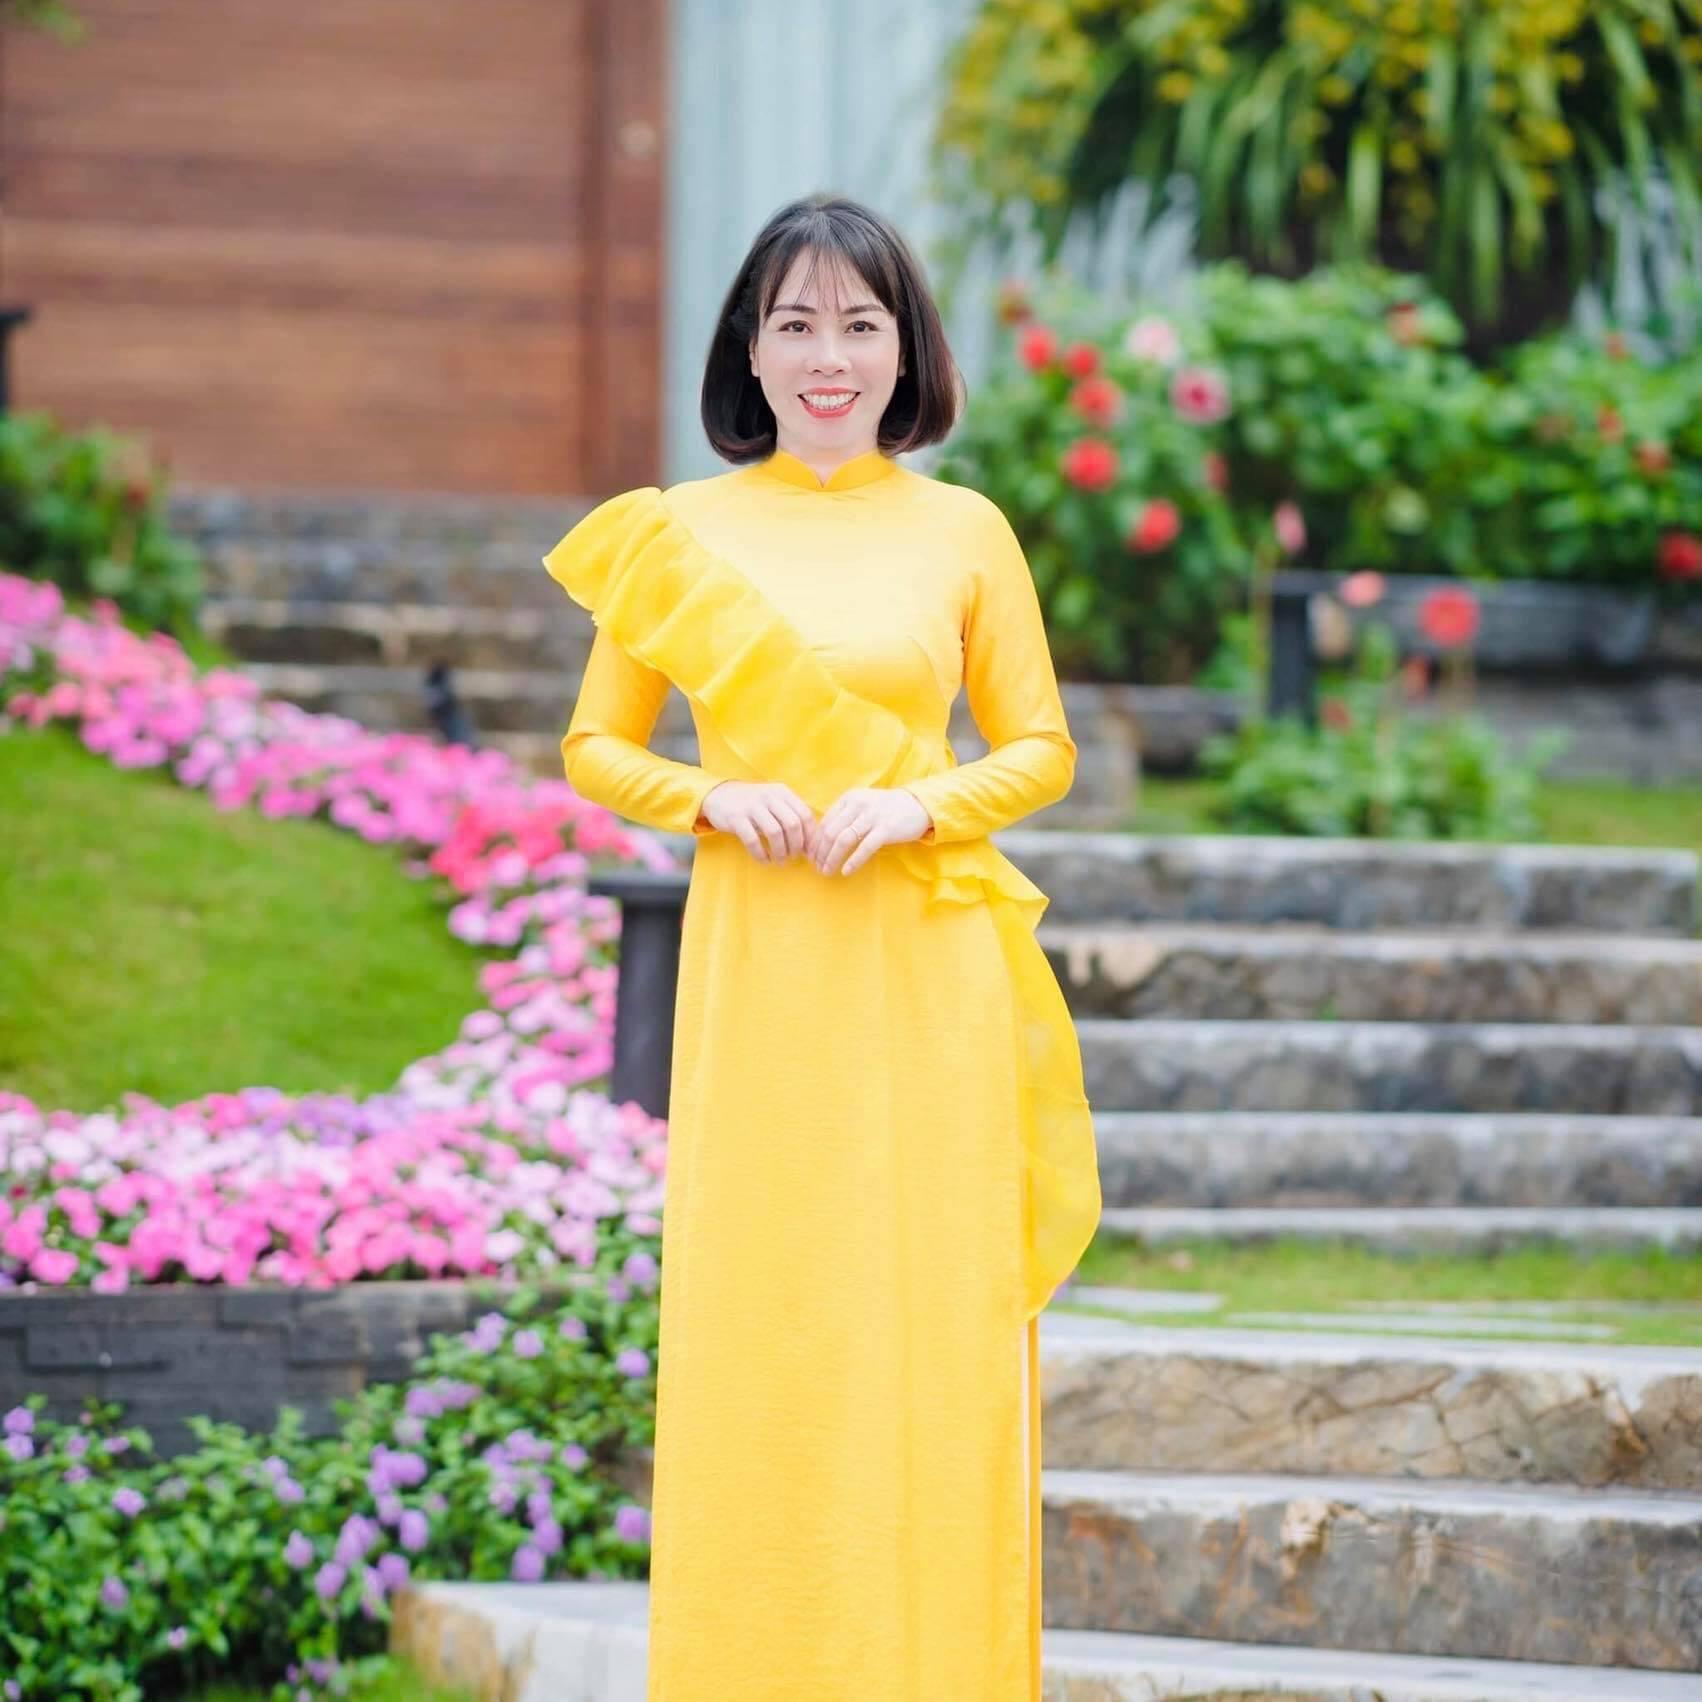 """6 lời khuyên của cô giáo Hà Nội dành cho thí sinh ôn thi giai đoạn """"nước đến chân"""""""